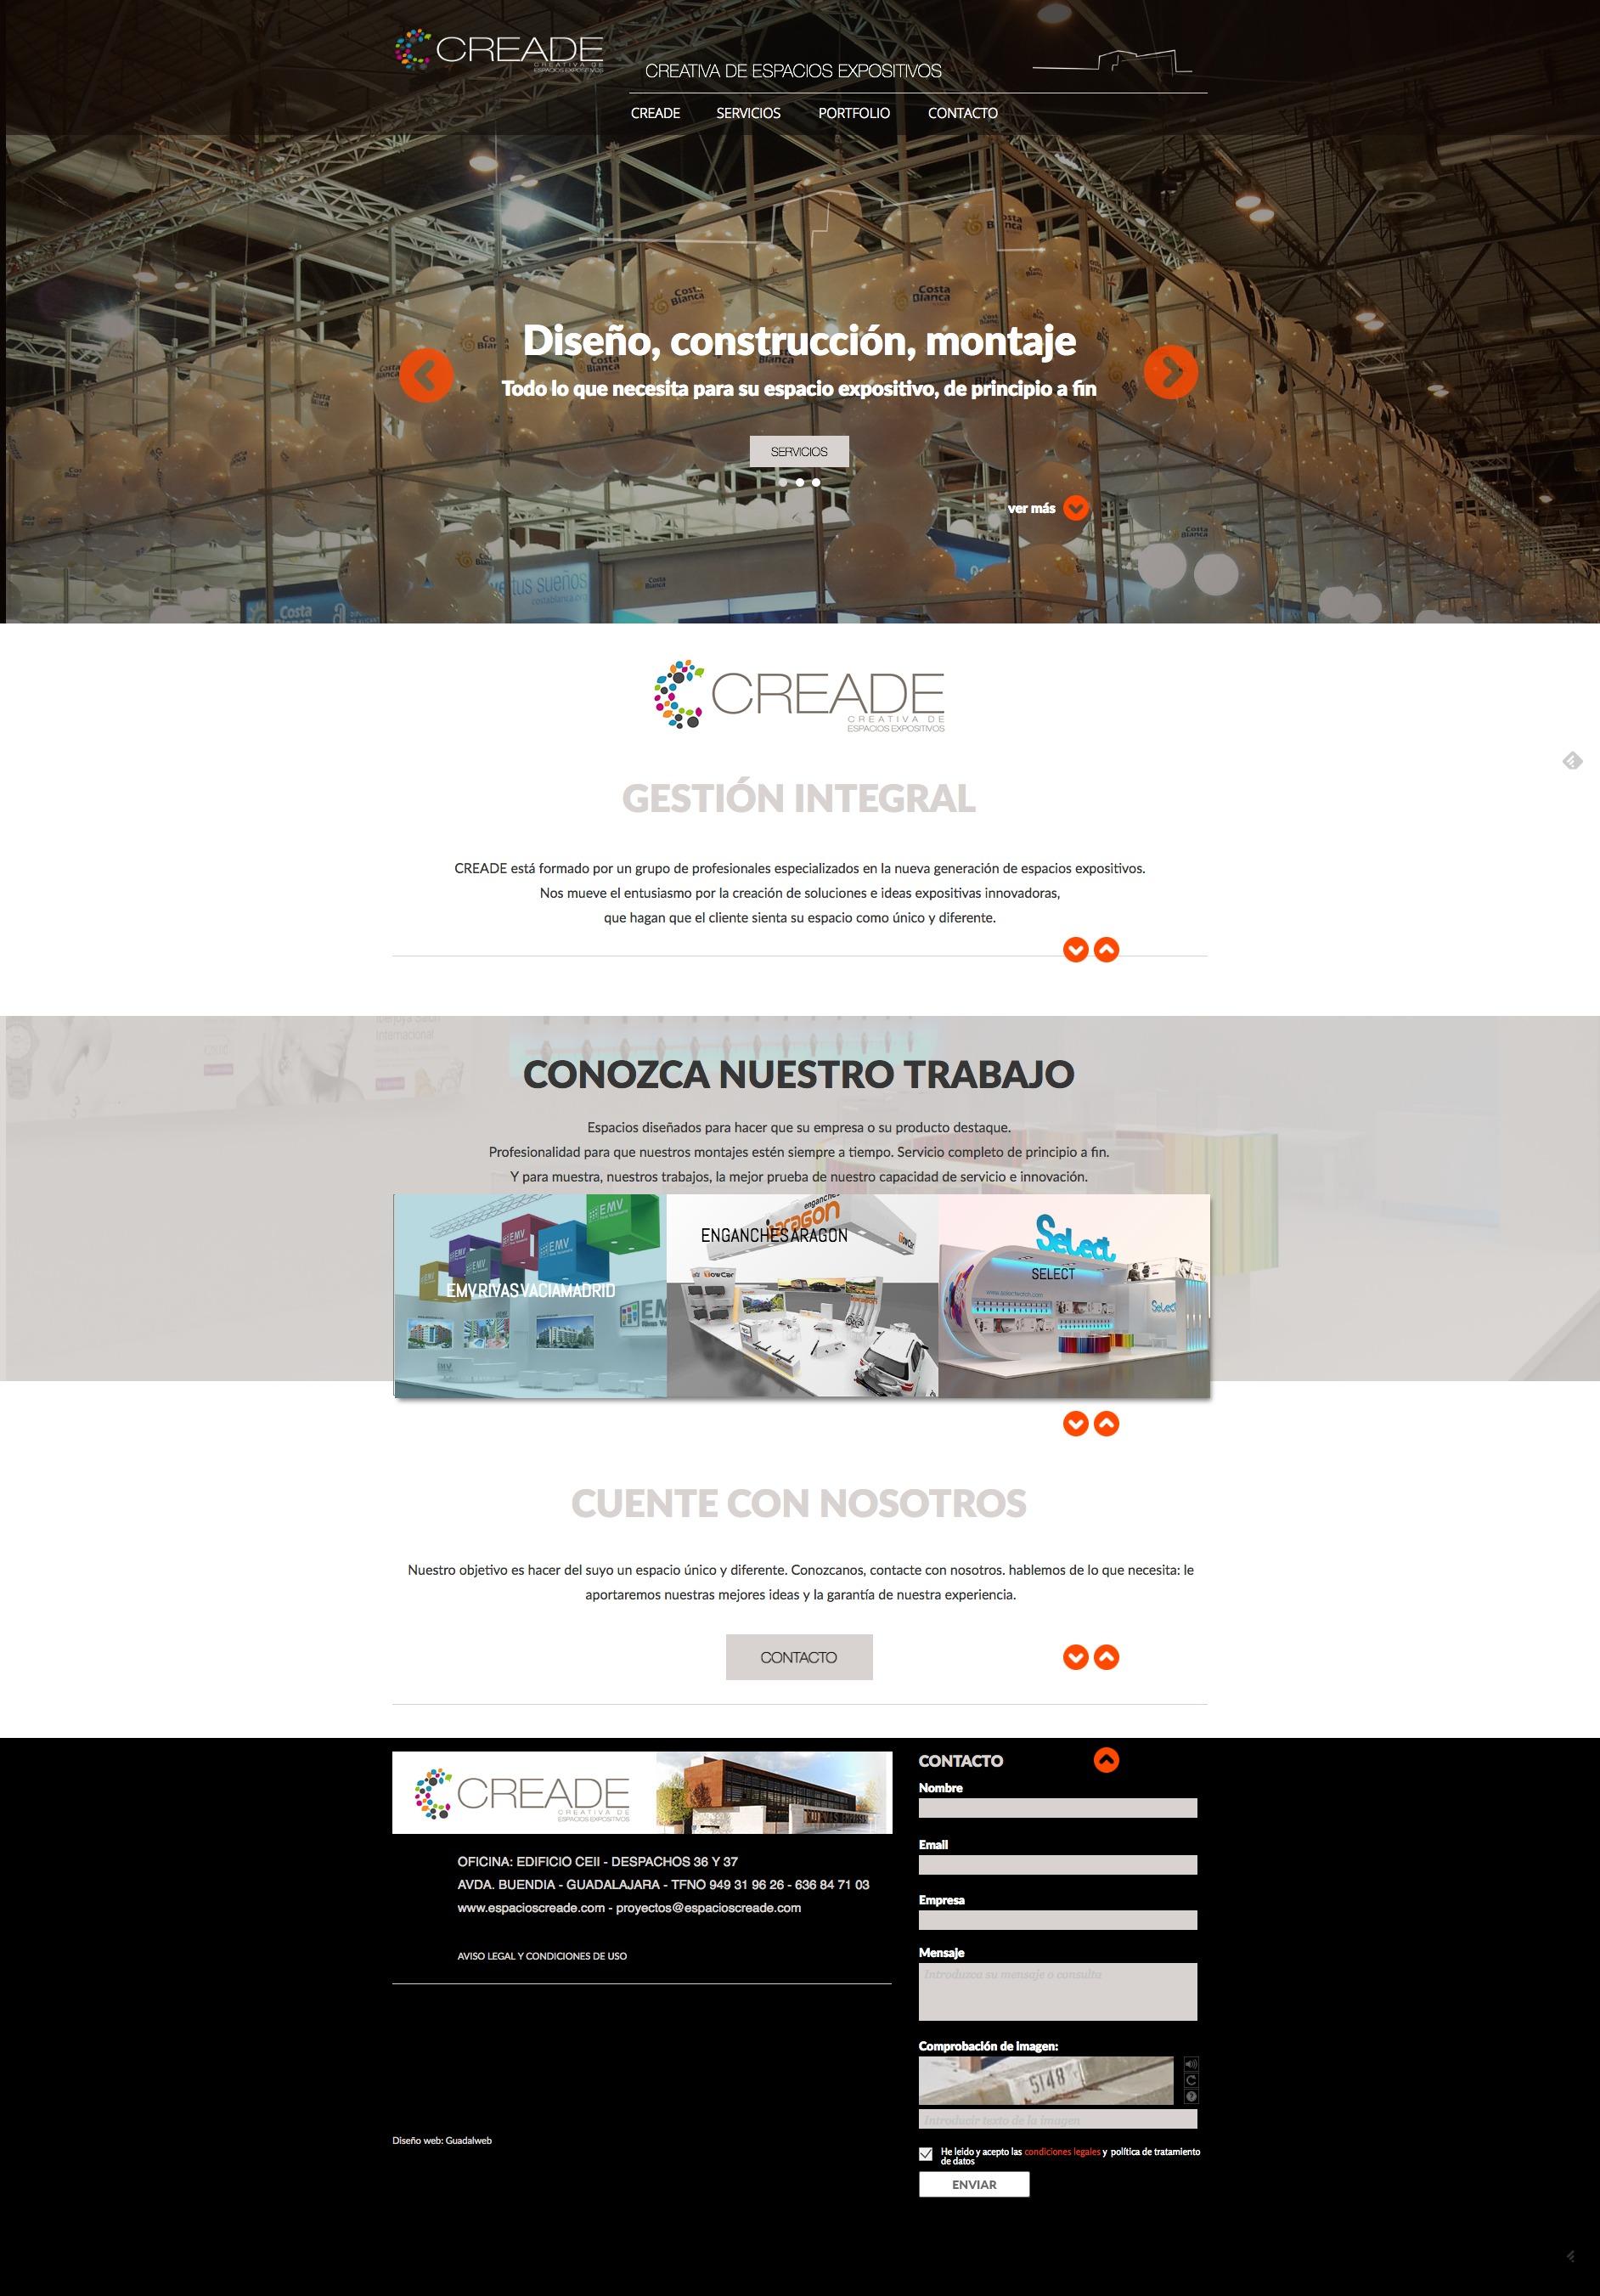 Detalle web completa Creade espacios expositivos